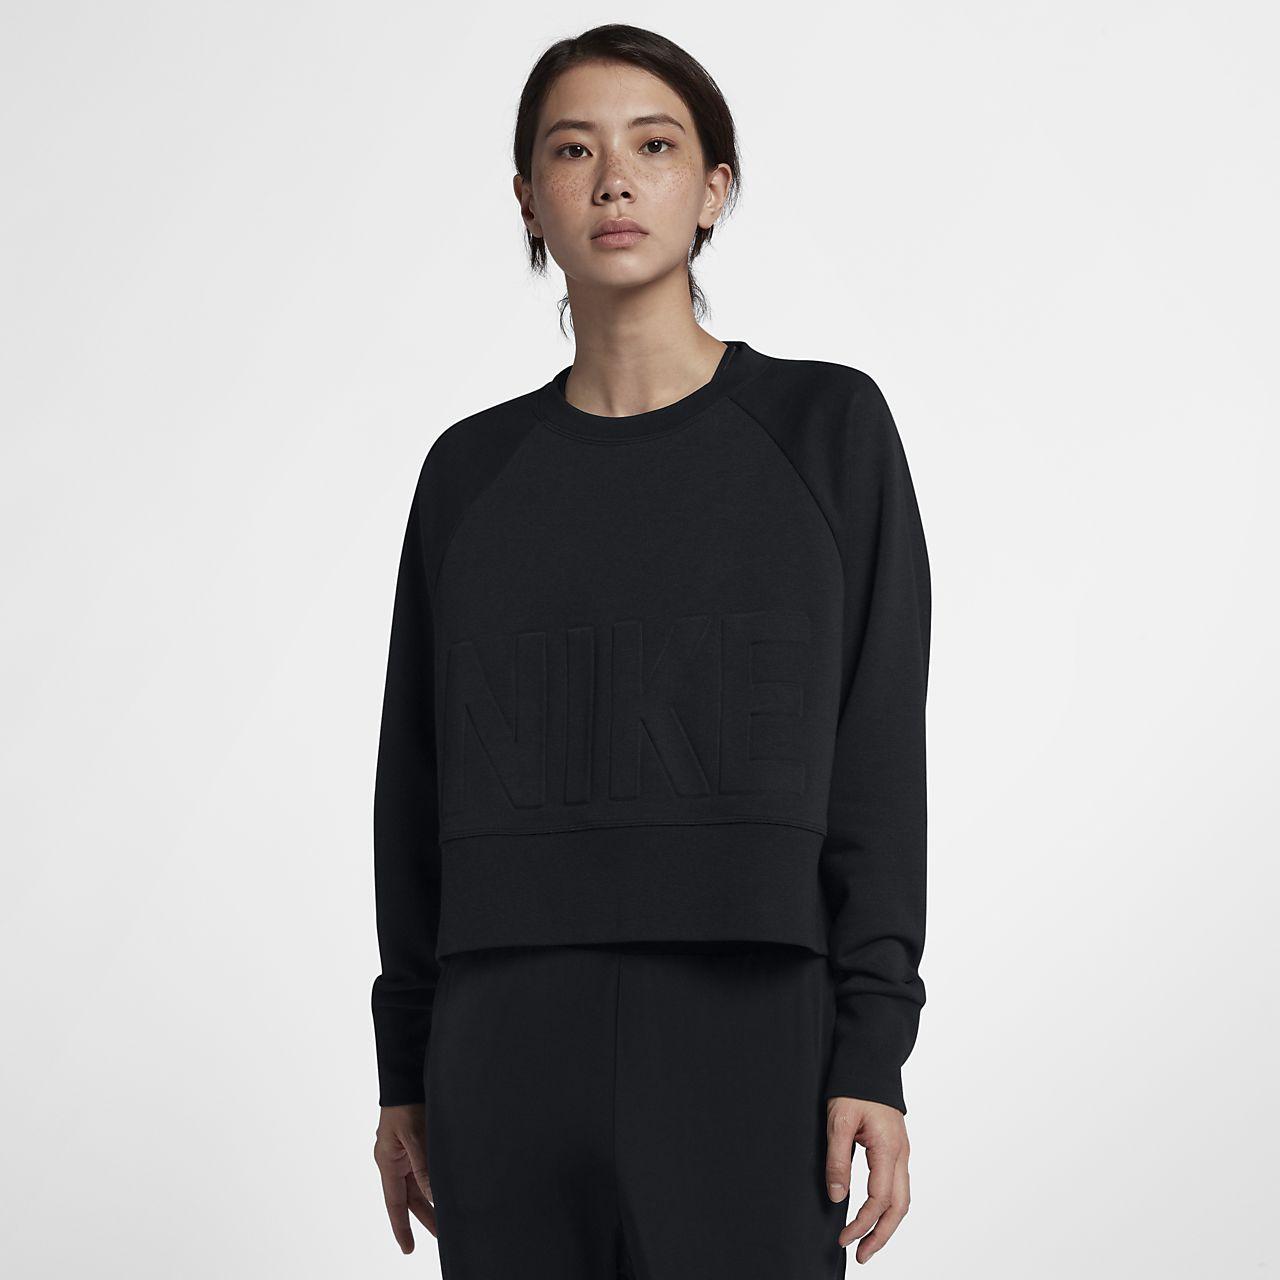 Camisola de treino de manga comprida Nike Versa para mulher